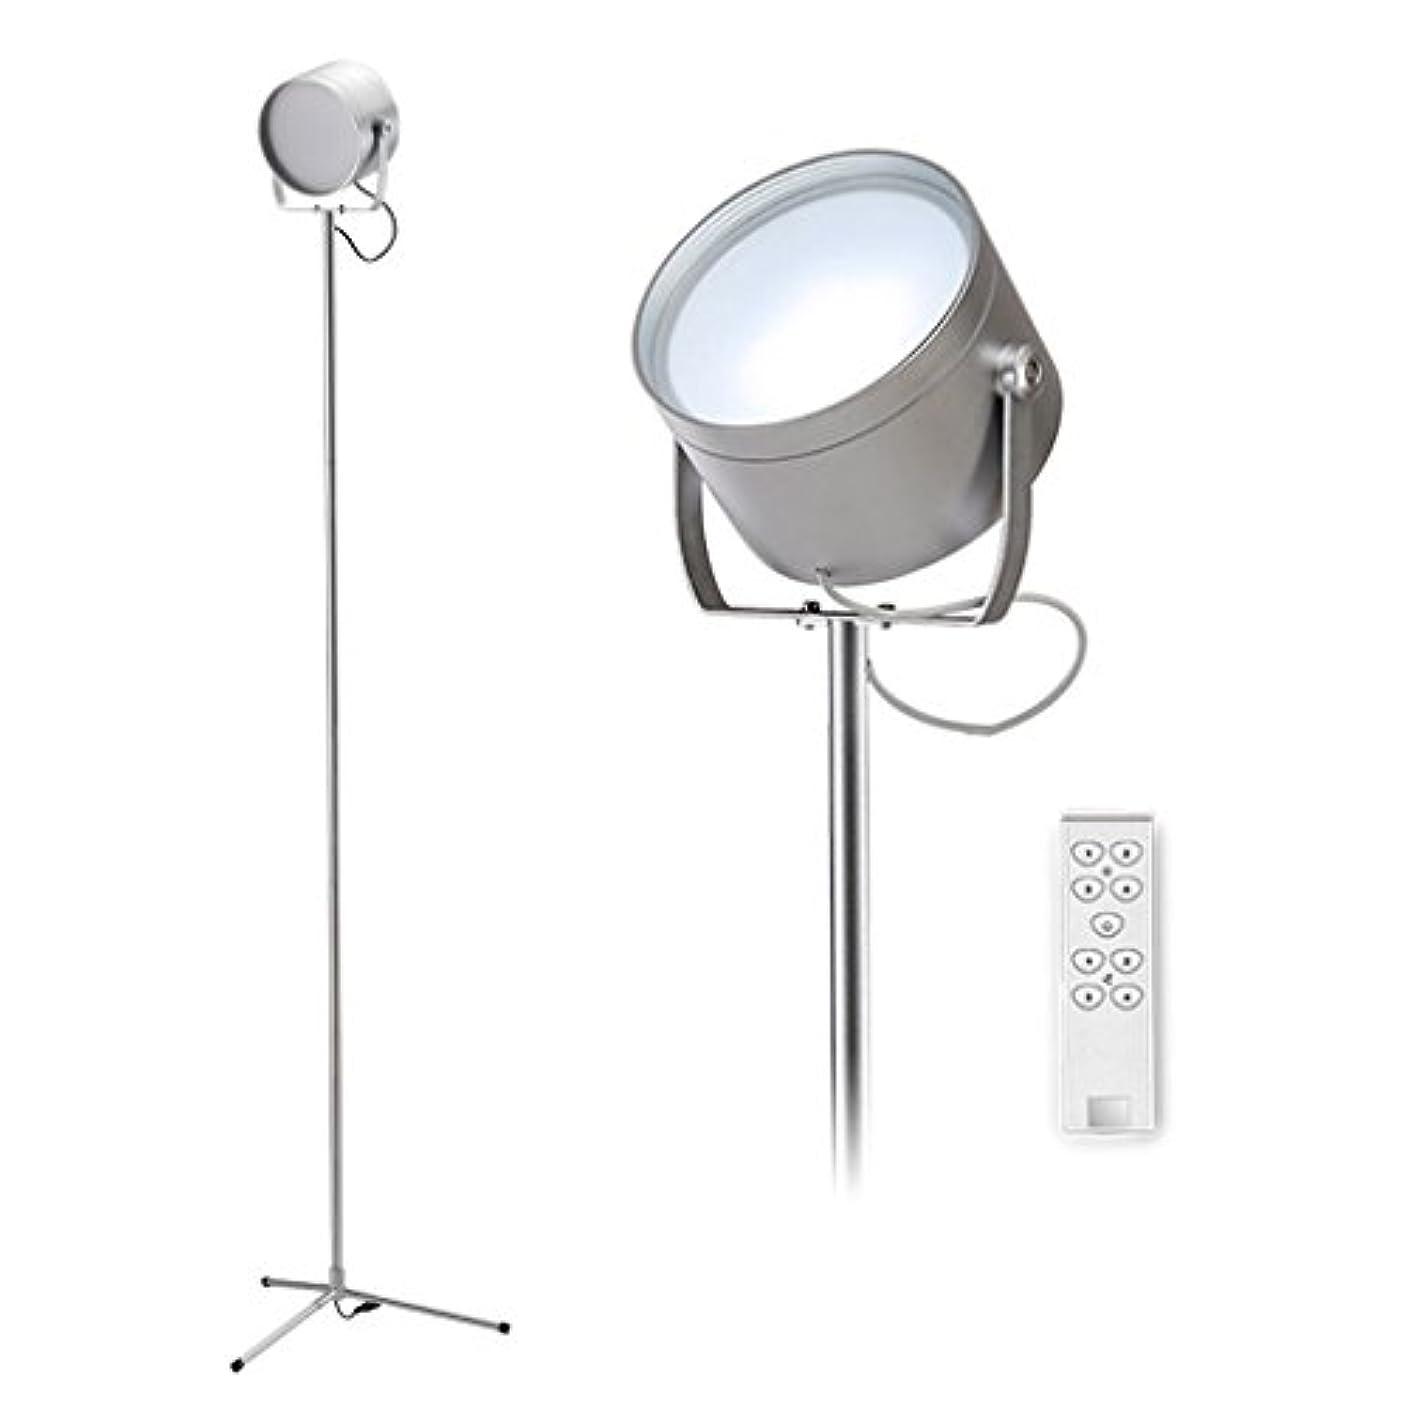 決定密白菜フロアスタンドフロアスタンド?ランプ LED標準ライト調節可能な明るさフロアランプアイ保護省エネランプシルバーベッドルームの研究フロアランプ 屋内照明フロアスタンド?ランプ